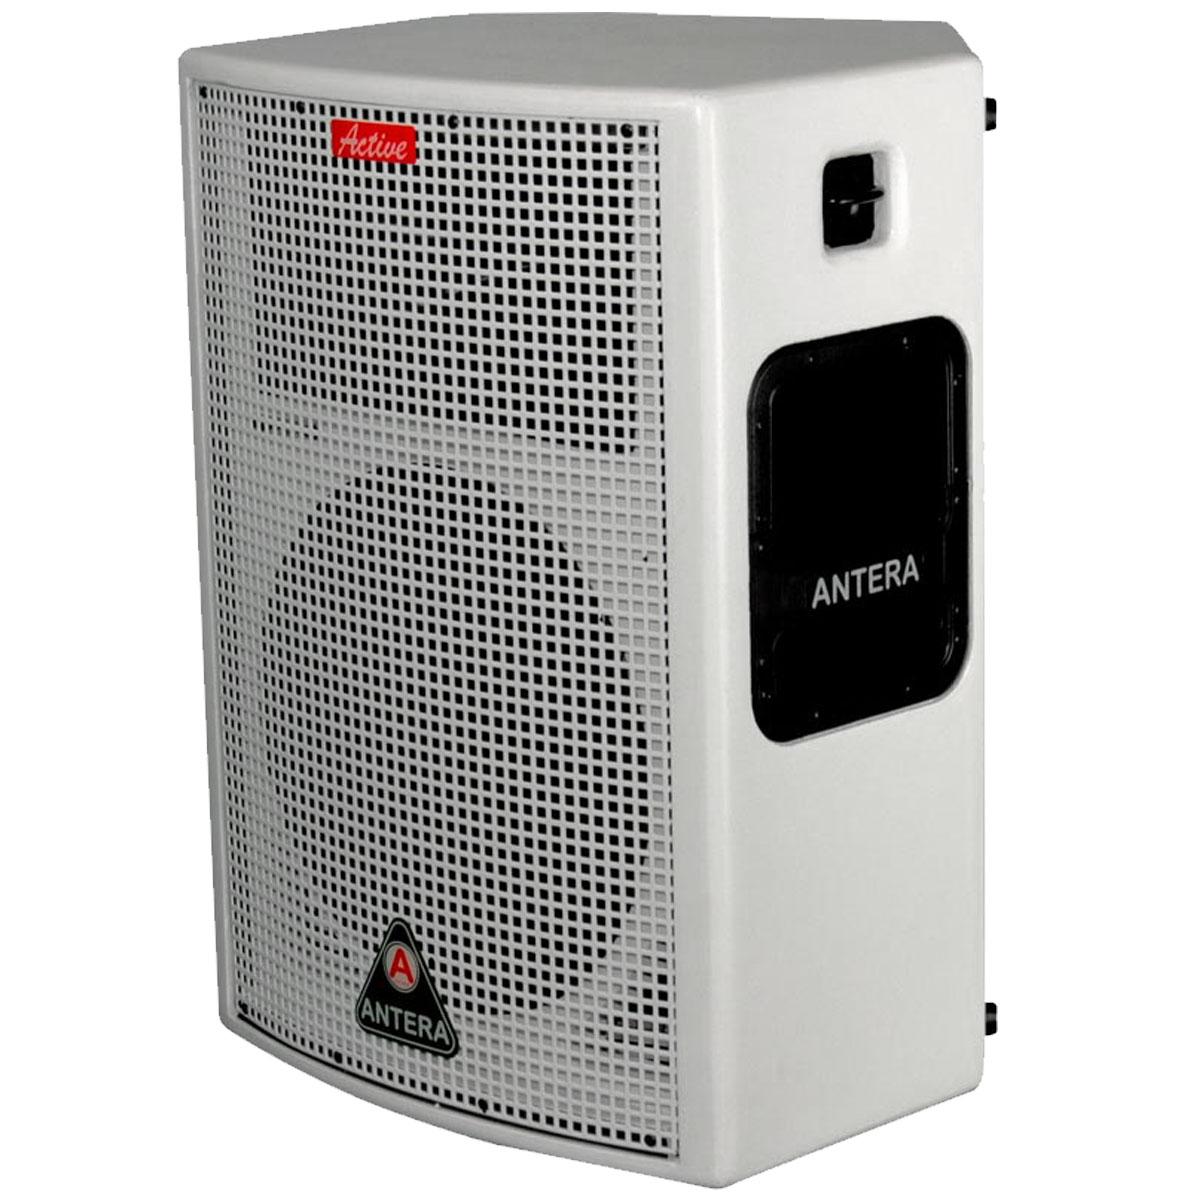 Caixa Passiva Fal 12 Pol 250W PA / Monitor / FLY - TS500 Antera